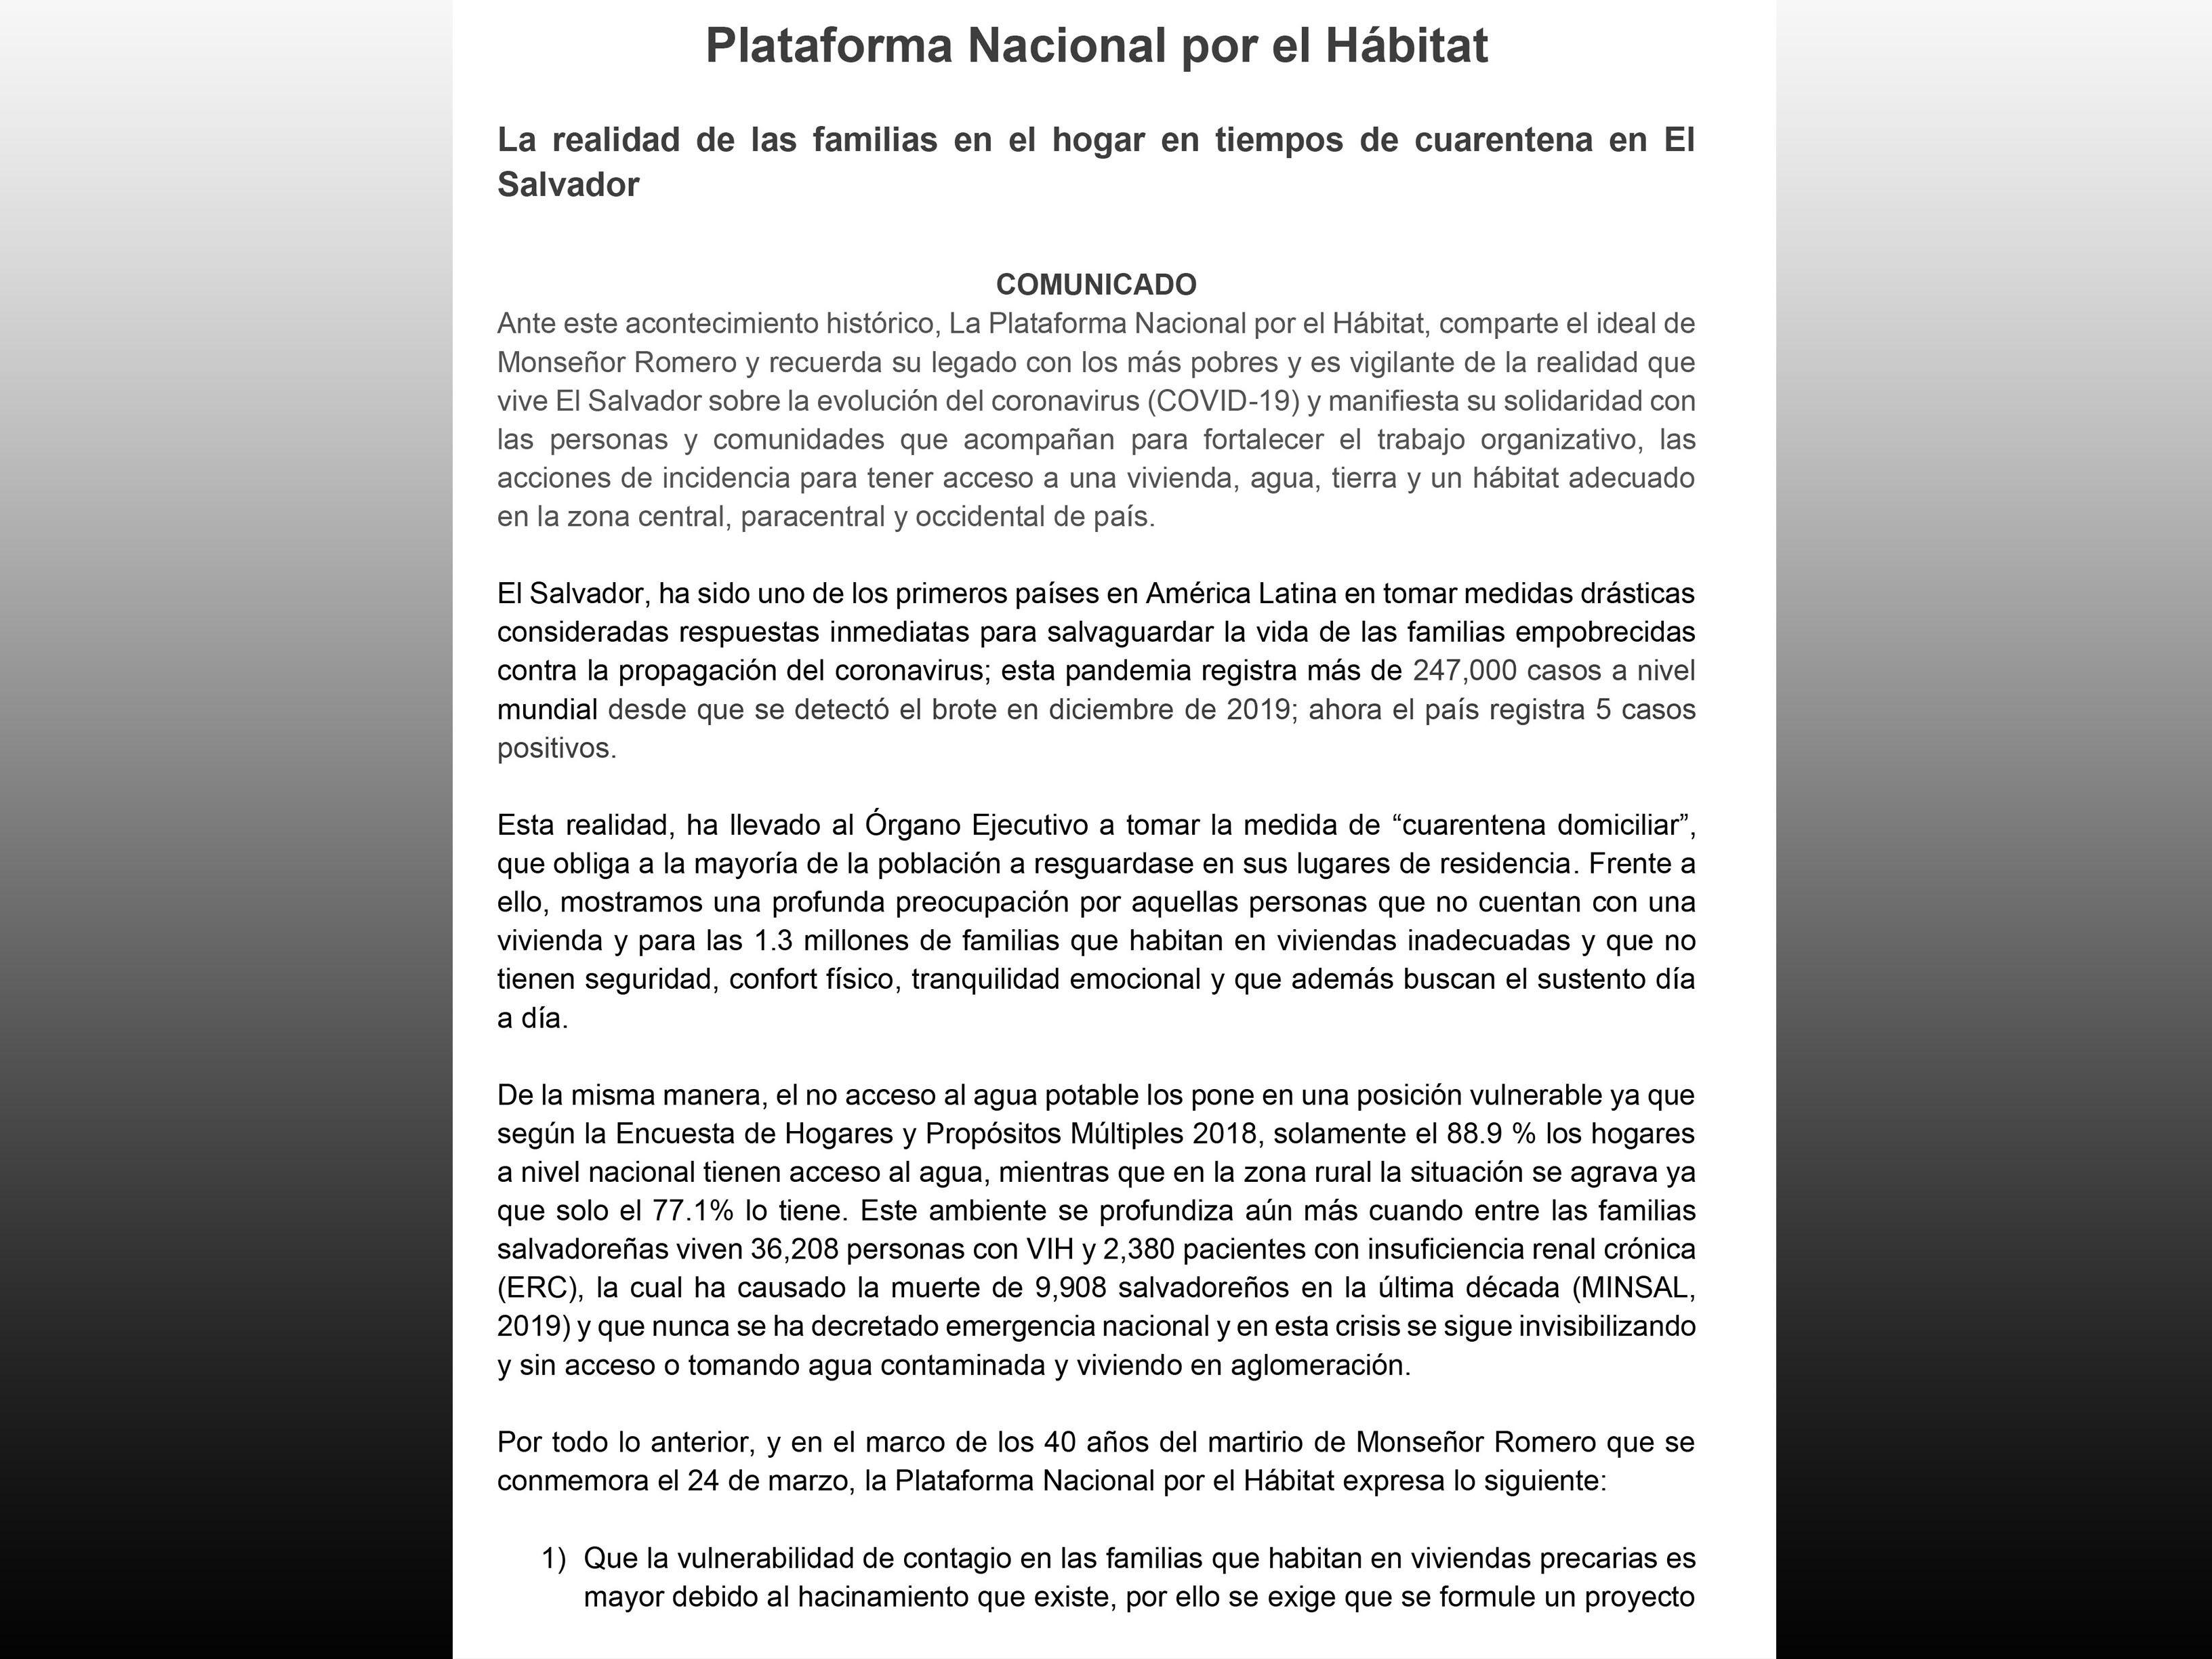 COMUNICADO: Realidad de las familias en tiempos de cuarentena